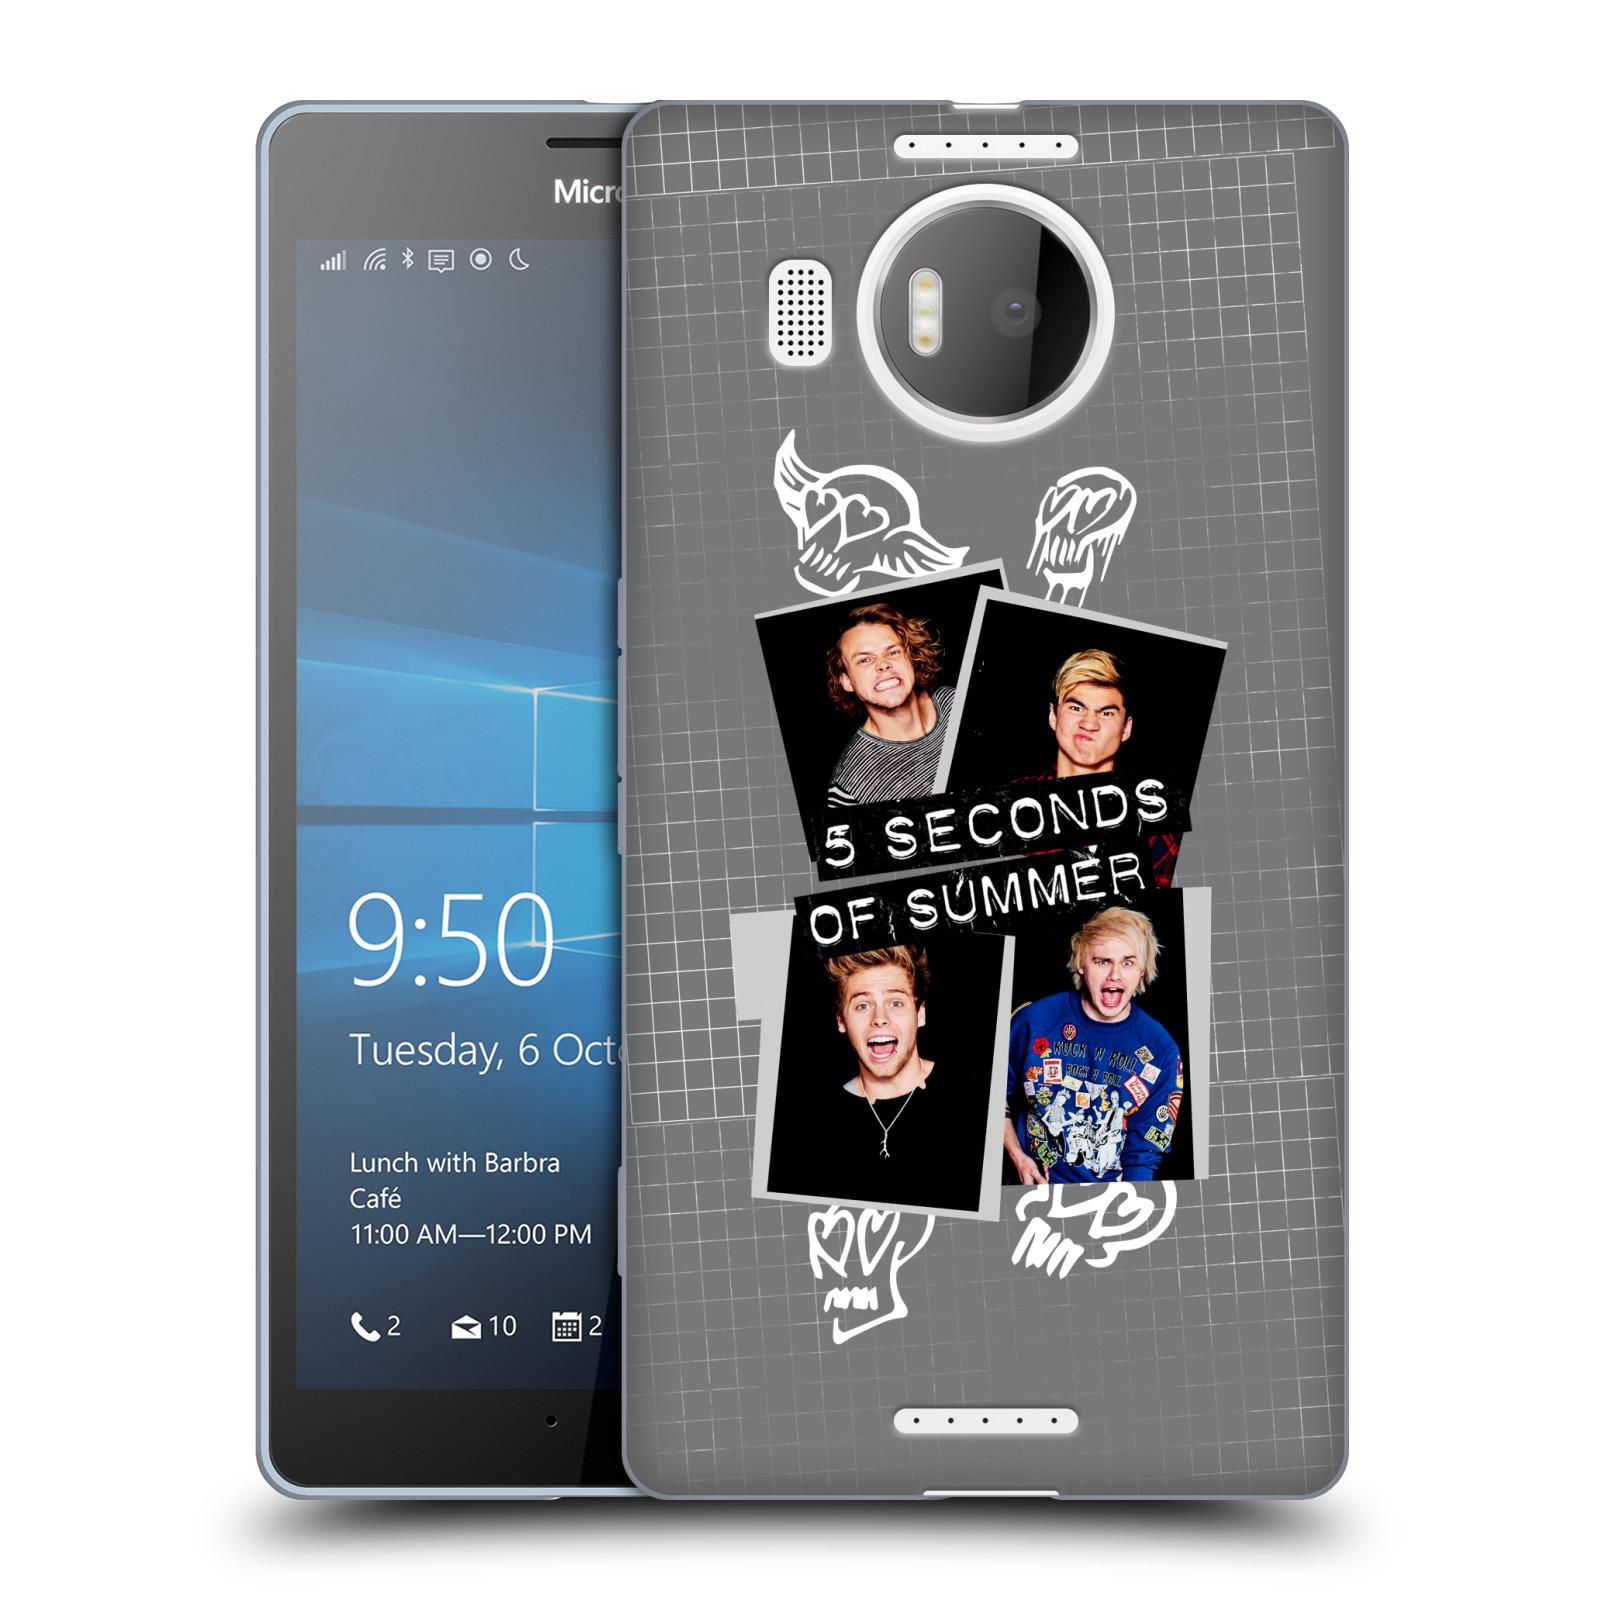 Silikonové pouzdro na mobil Microsoft Lumia 950 XL HEAD CASE 5 Seconds of Summer - Band Grey (Silikonový kryt či obal na mobilní telefon licencovaným motivem 5 Seconds of Summer pro Microsoft Lumia 950 XL)